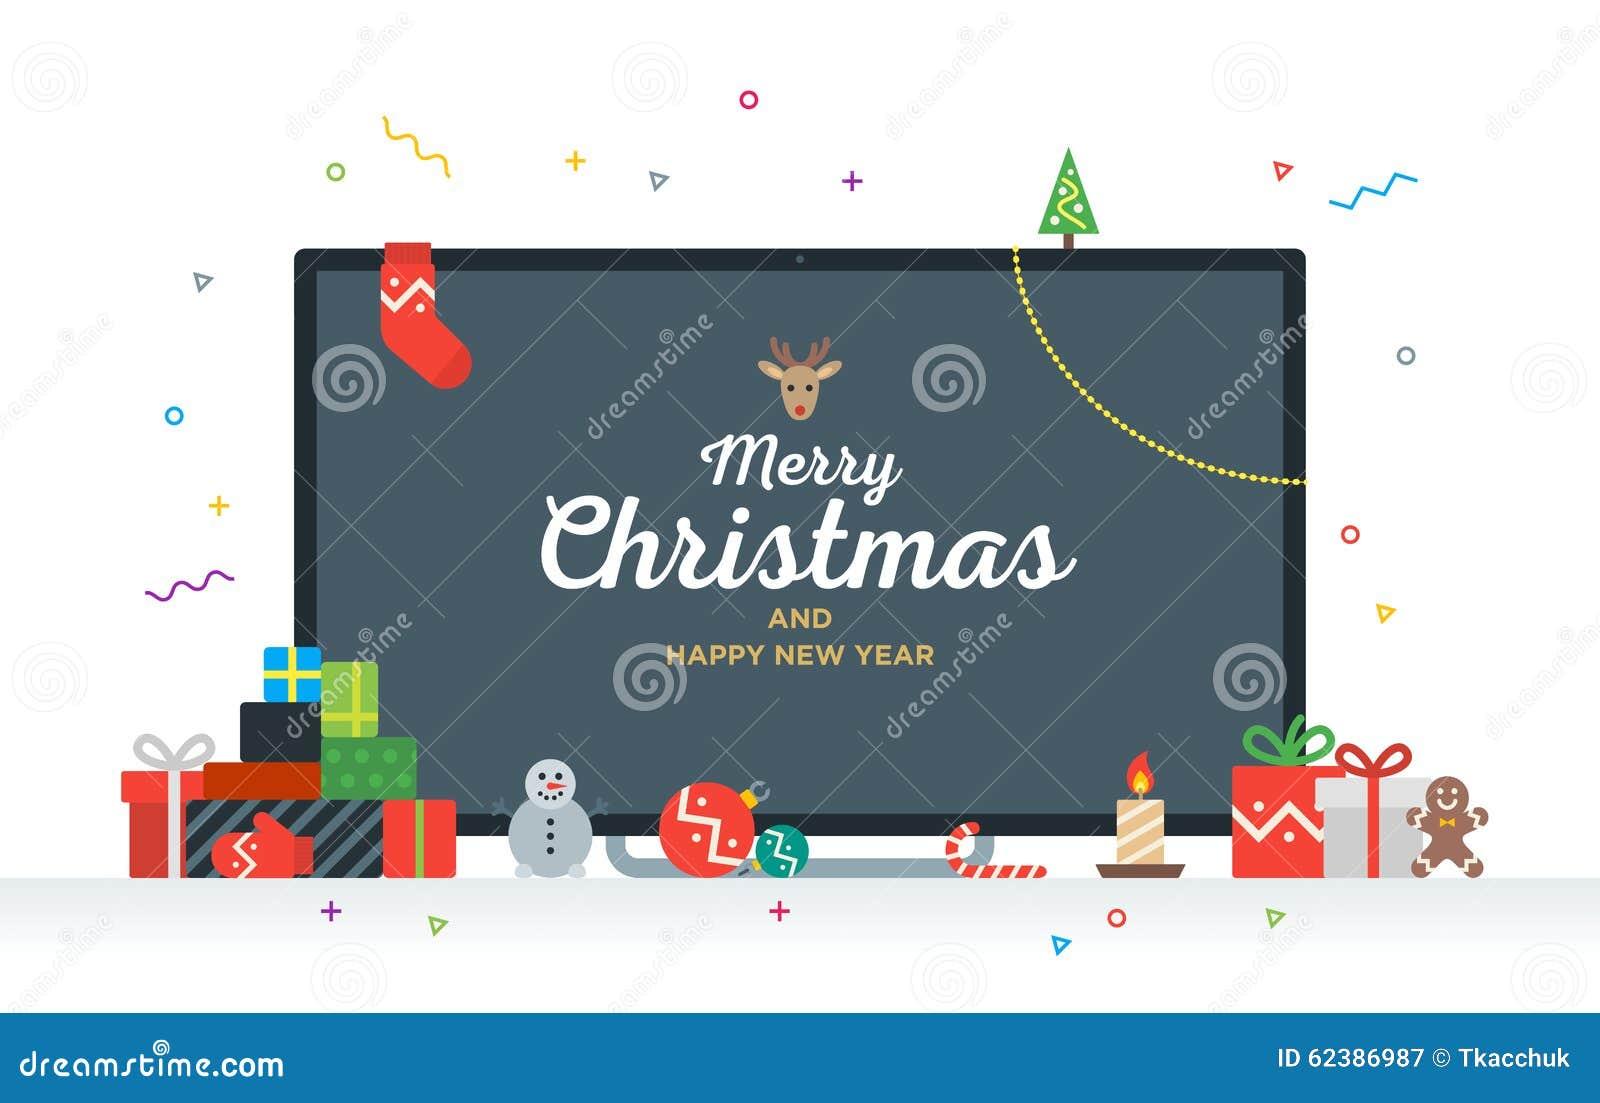 Definition Weihnachten.Großes Fernsehen Mit Glückwunschtext Frohen Weihnachten Vektor